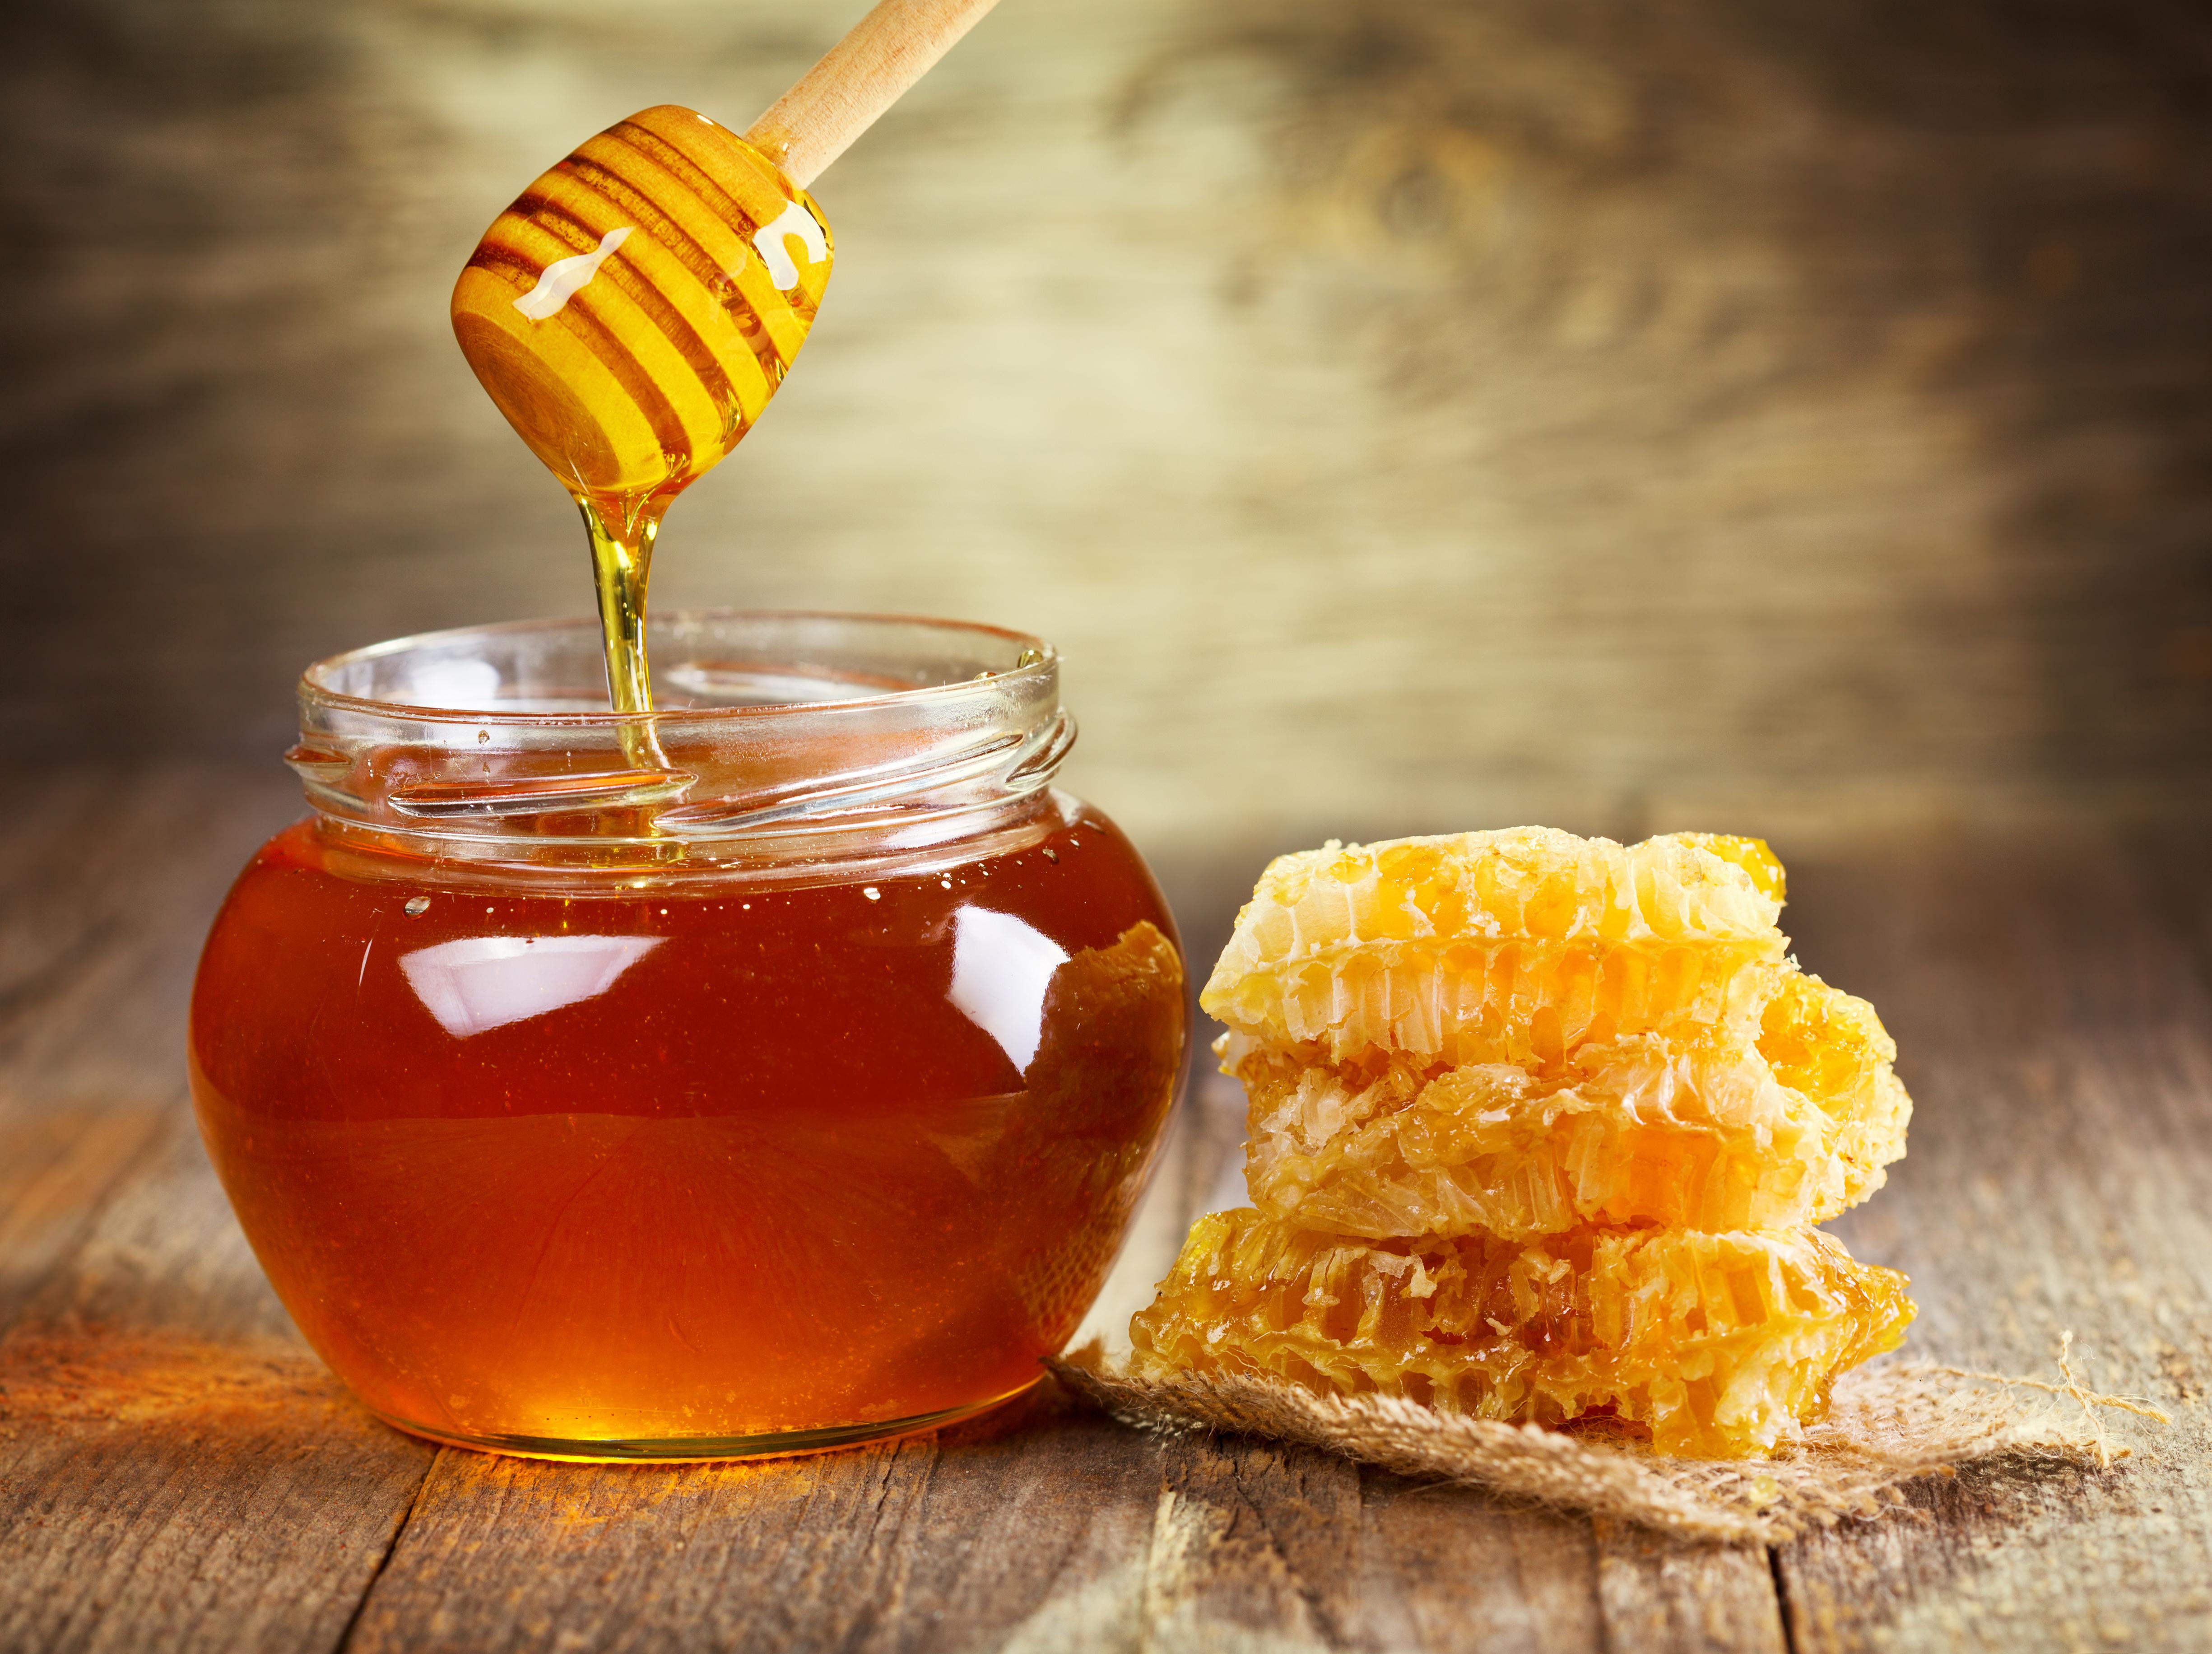 Пчелиный мёд — Википедия